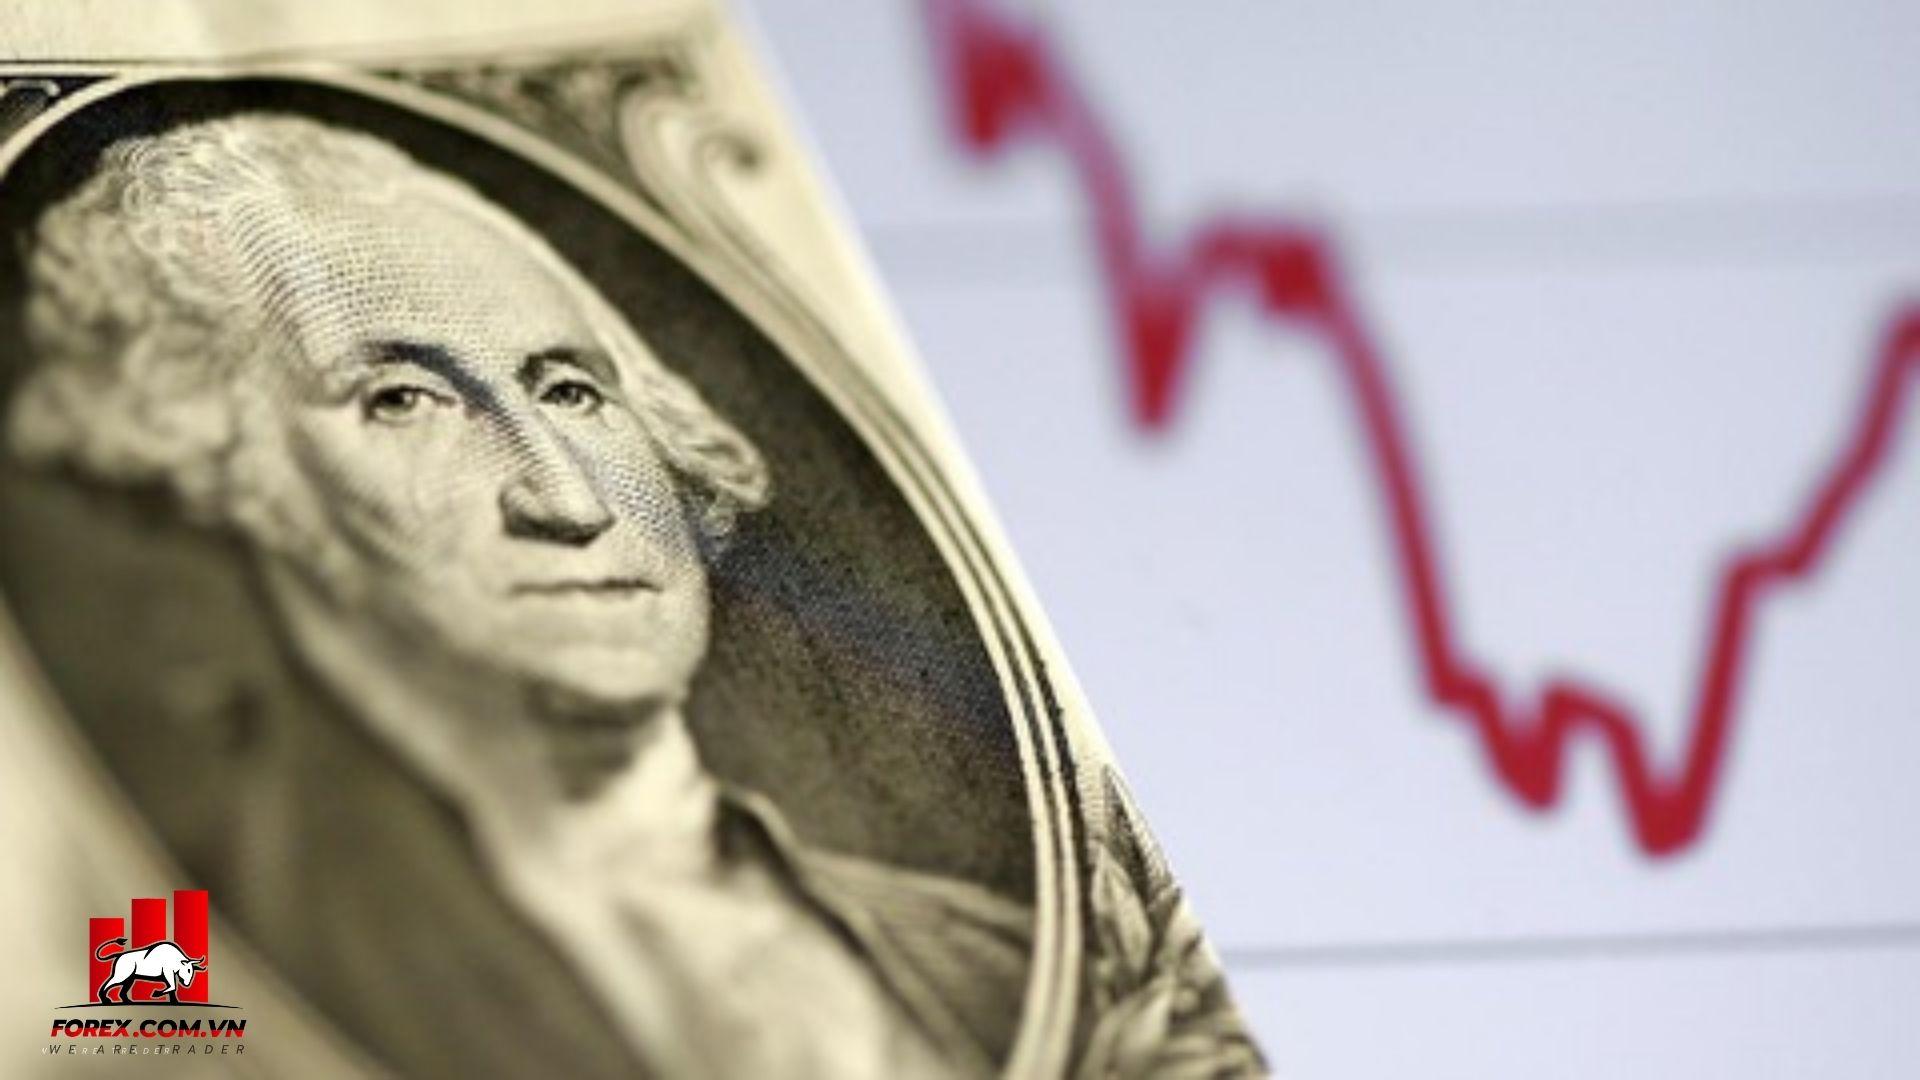 đồng đô la giảm giá so với rổ tiền tệ, chứng khoán Mỹ tăng